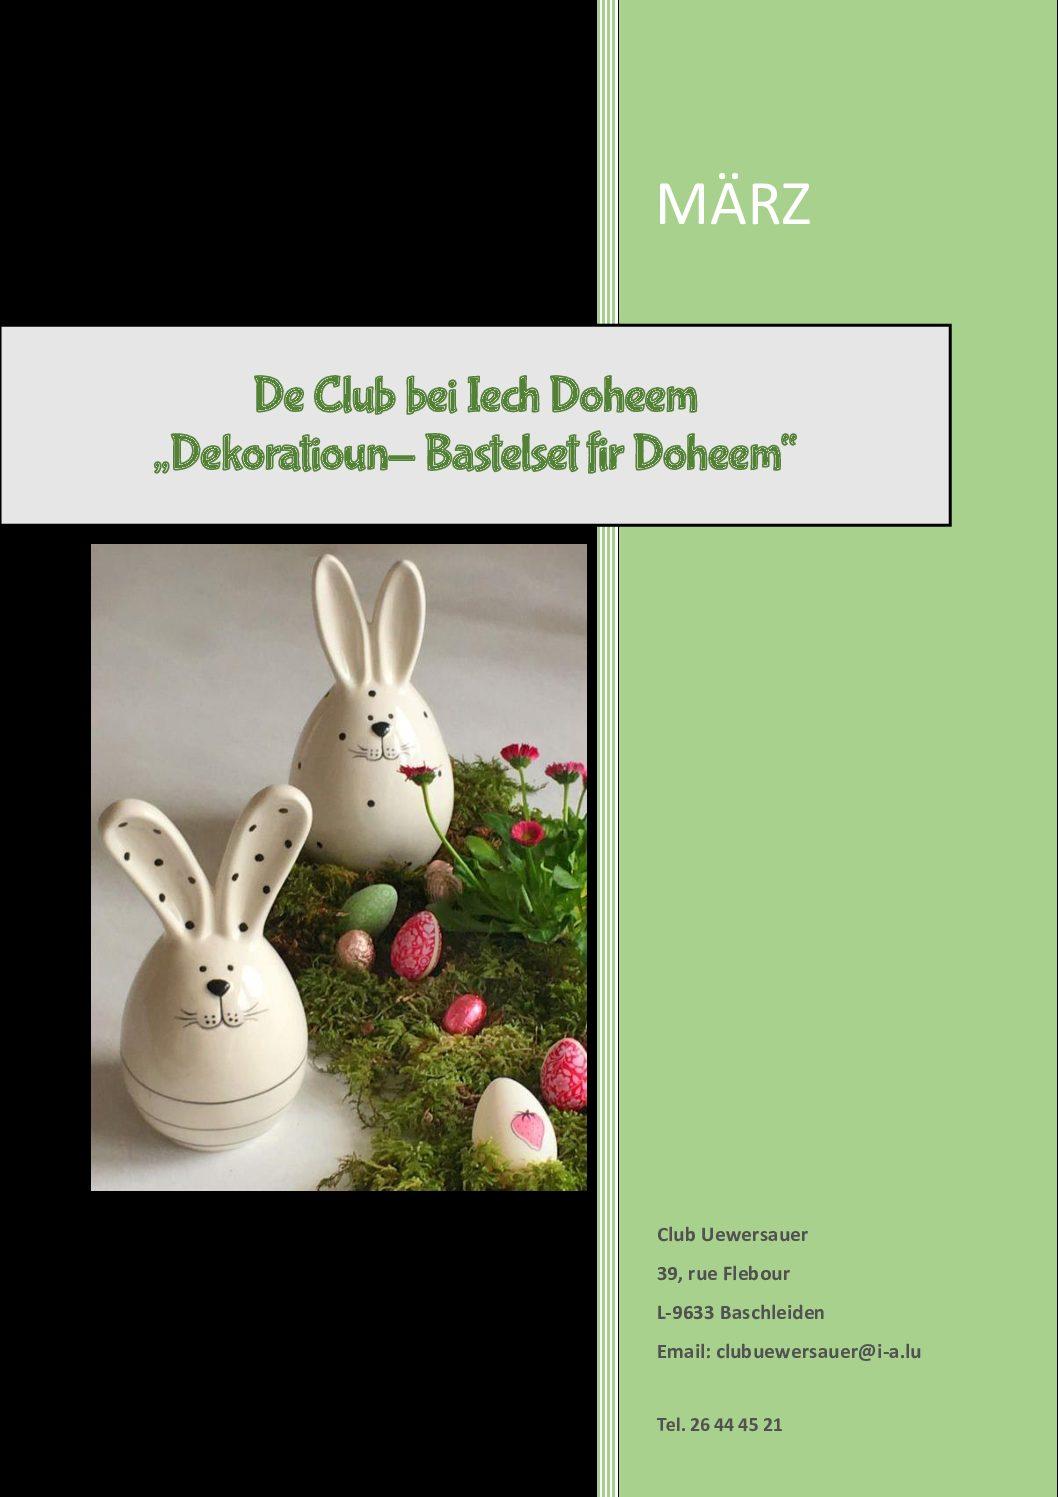 Club Uewersauer - Katalog Mäerz 2021